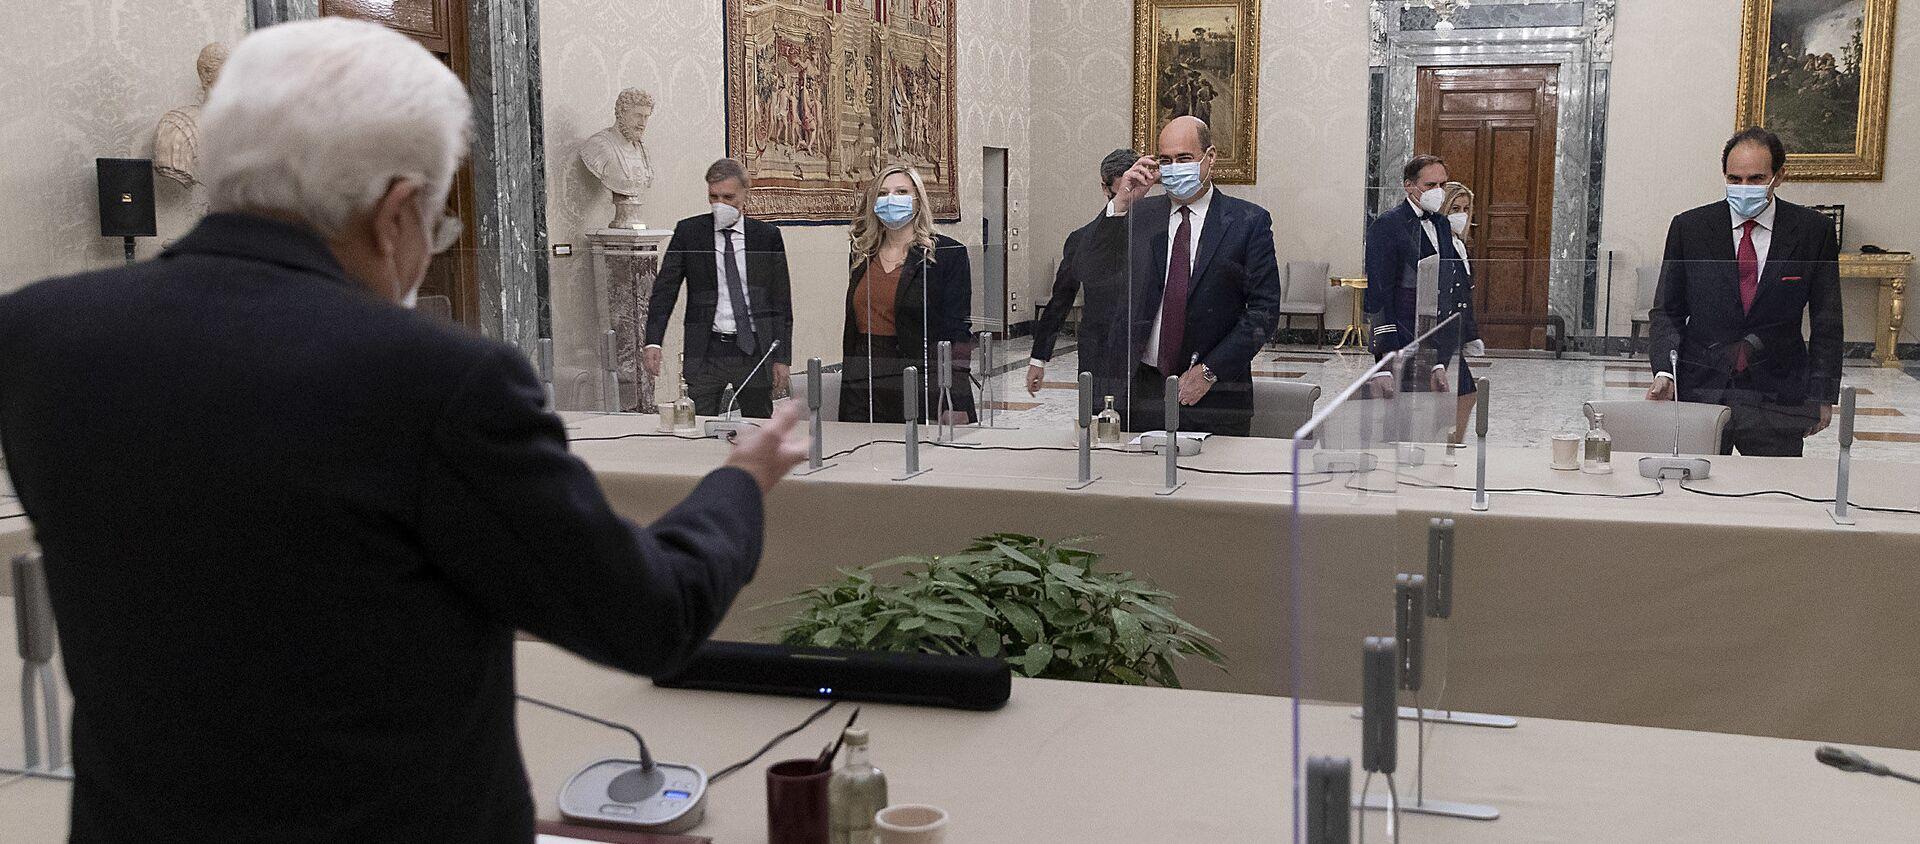 """Consultazioni - Gruppi Parlamentari """"Partito Democratico"""" del Senato della Repubblica e della Camera dei Deputati - Sputnik Italia, 1920, 29.01.2021"""